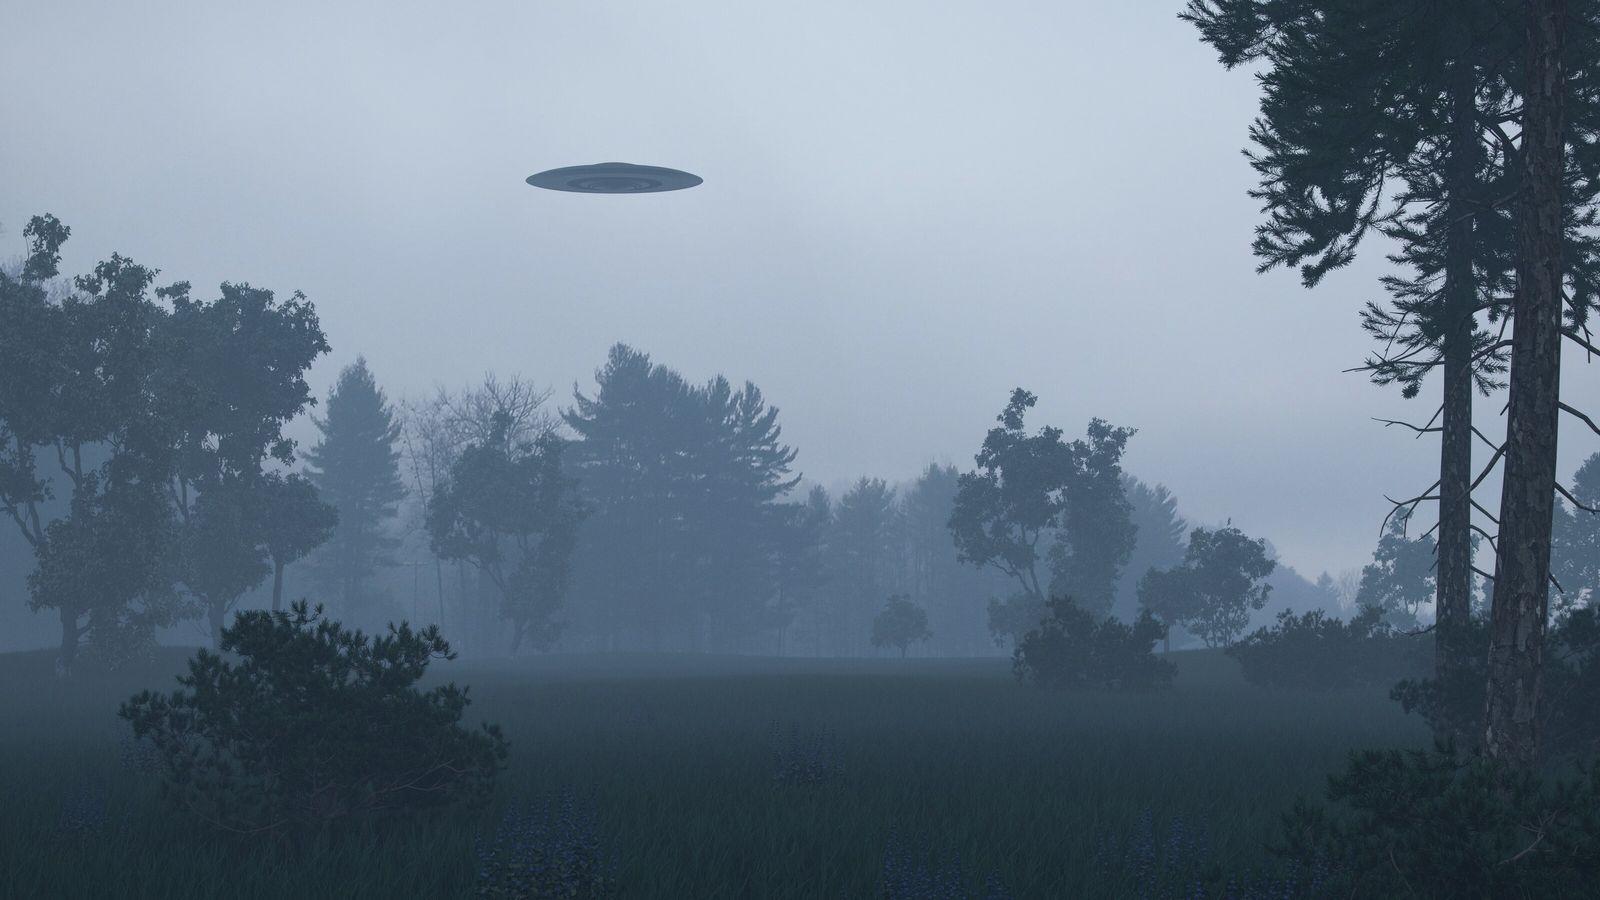 Image d'illustration représentant un objet volant non identifié survolant une forêt.